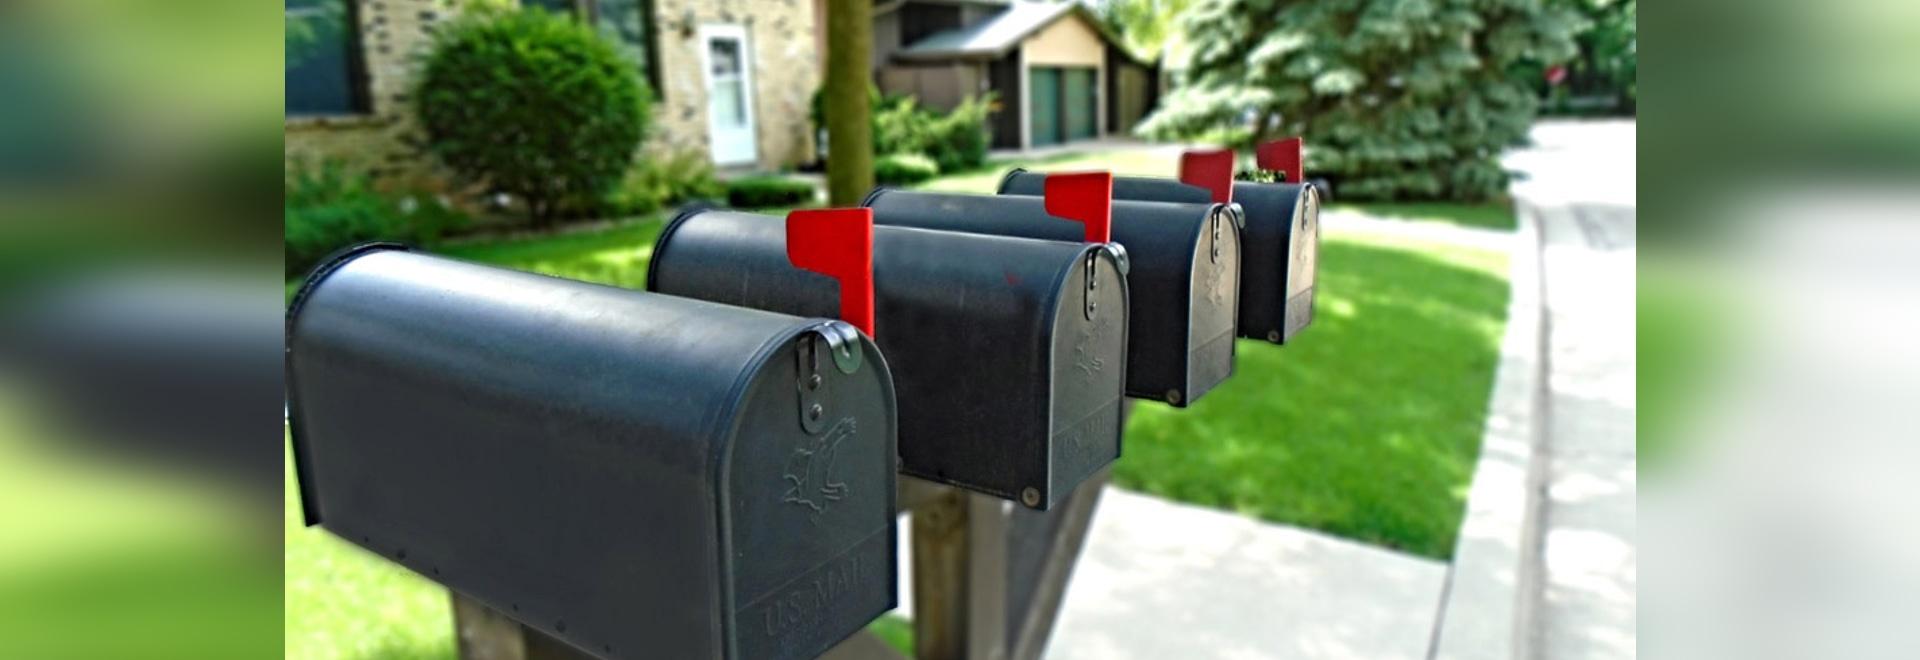 U.S. Postal Service zum Testen von selbstfahrenden Lkw